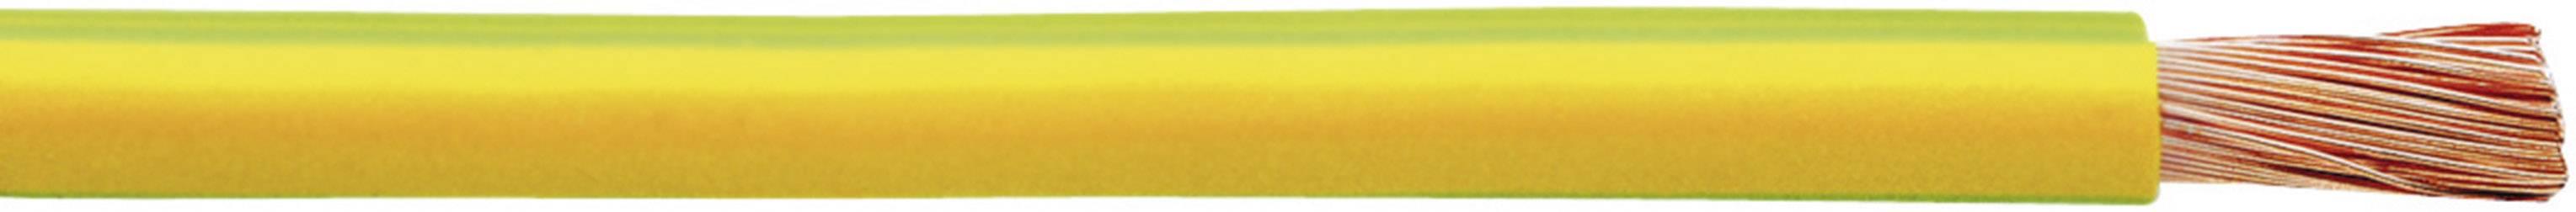 Opletenie / lanko Faber Kabel 040212 H07V-K, 1 x 1.50 mm², vonkajší Ø 2.80 mm, 100 m, tmavomodrá